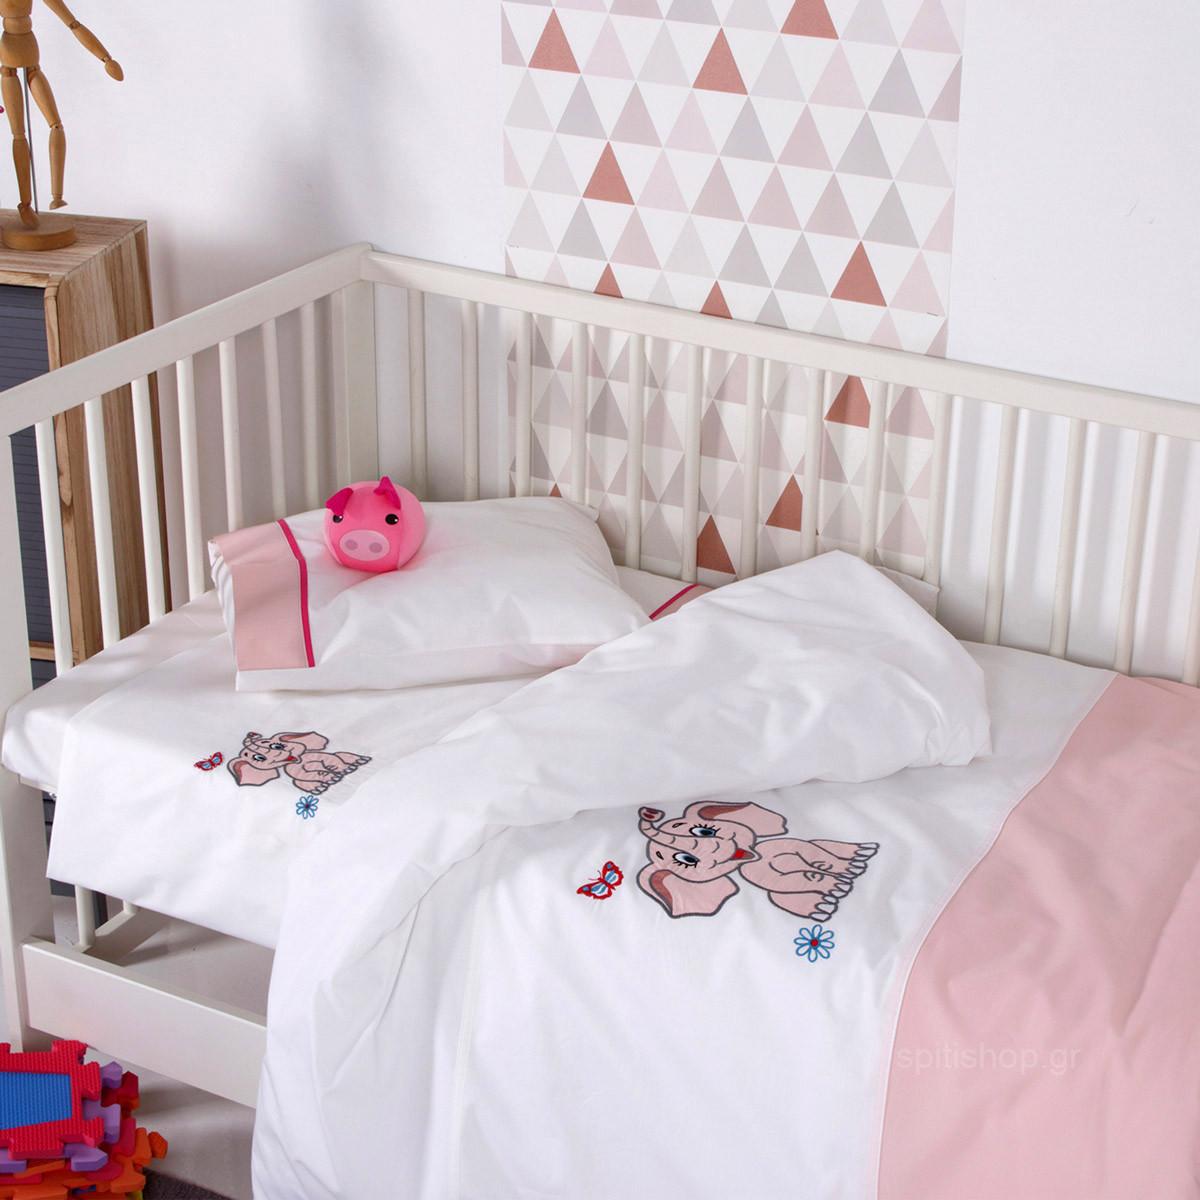 Παπλωματοθήκη Κούνιας (Σετ) Sb Home Baby Dumbo Pink